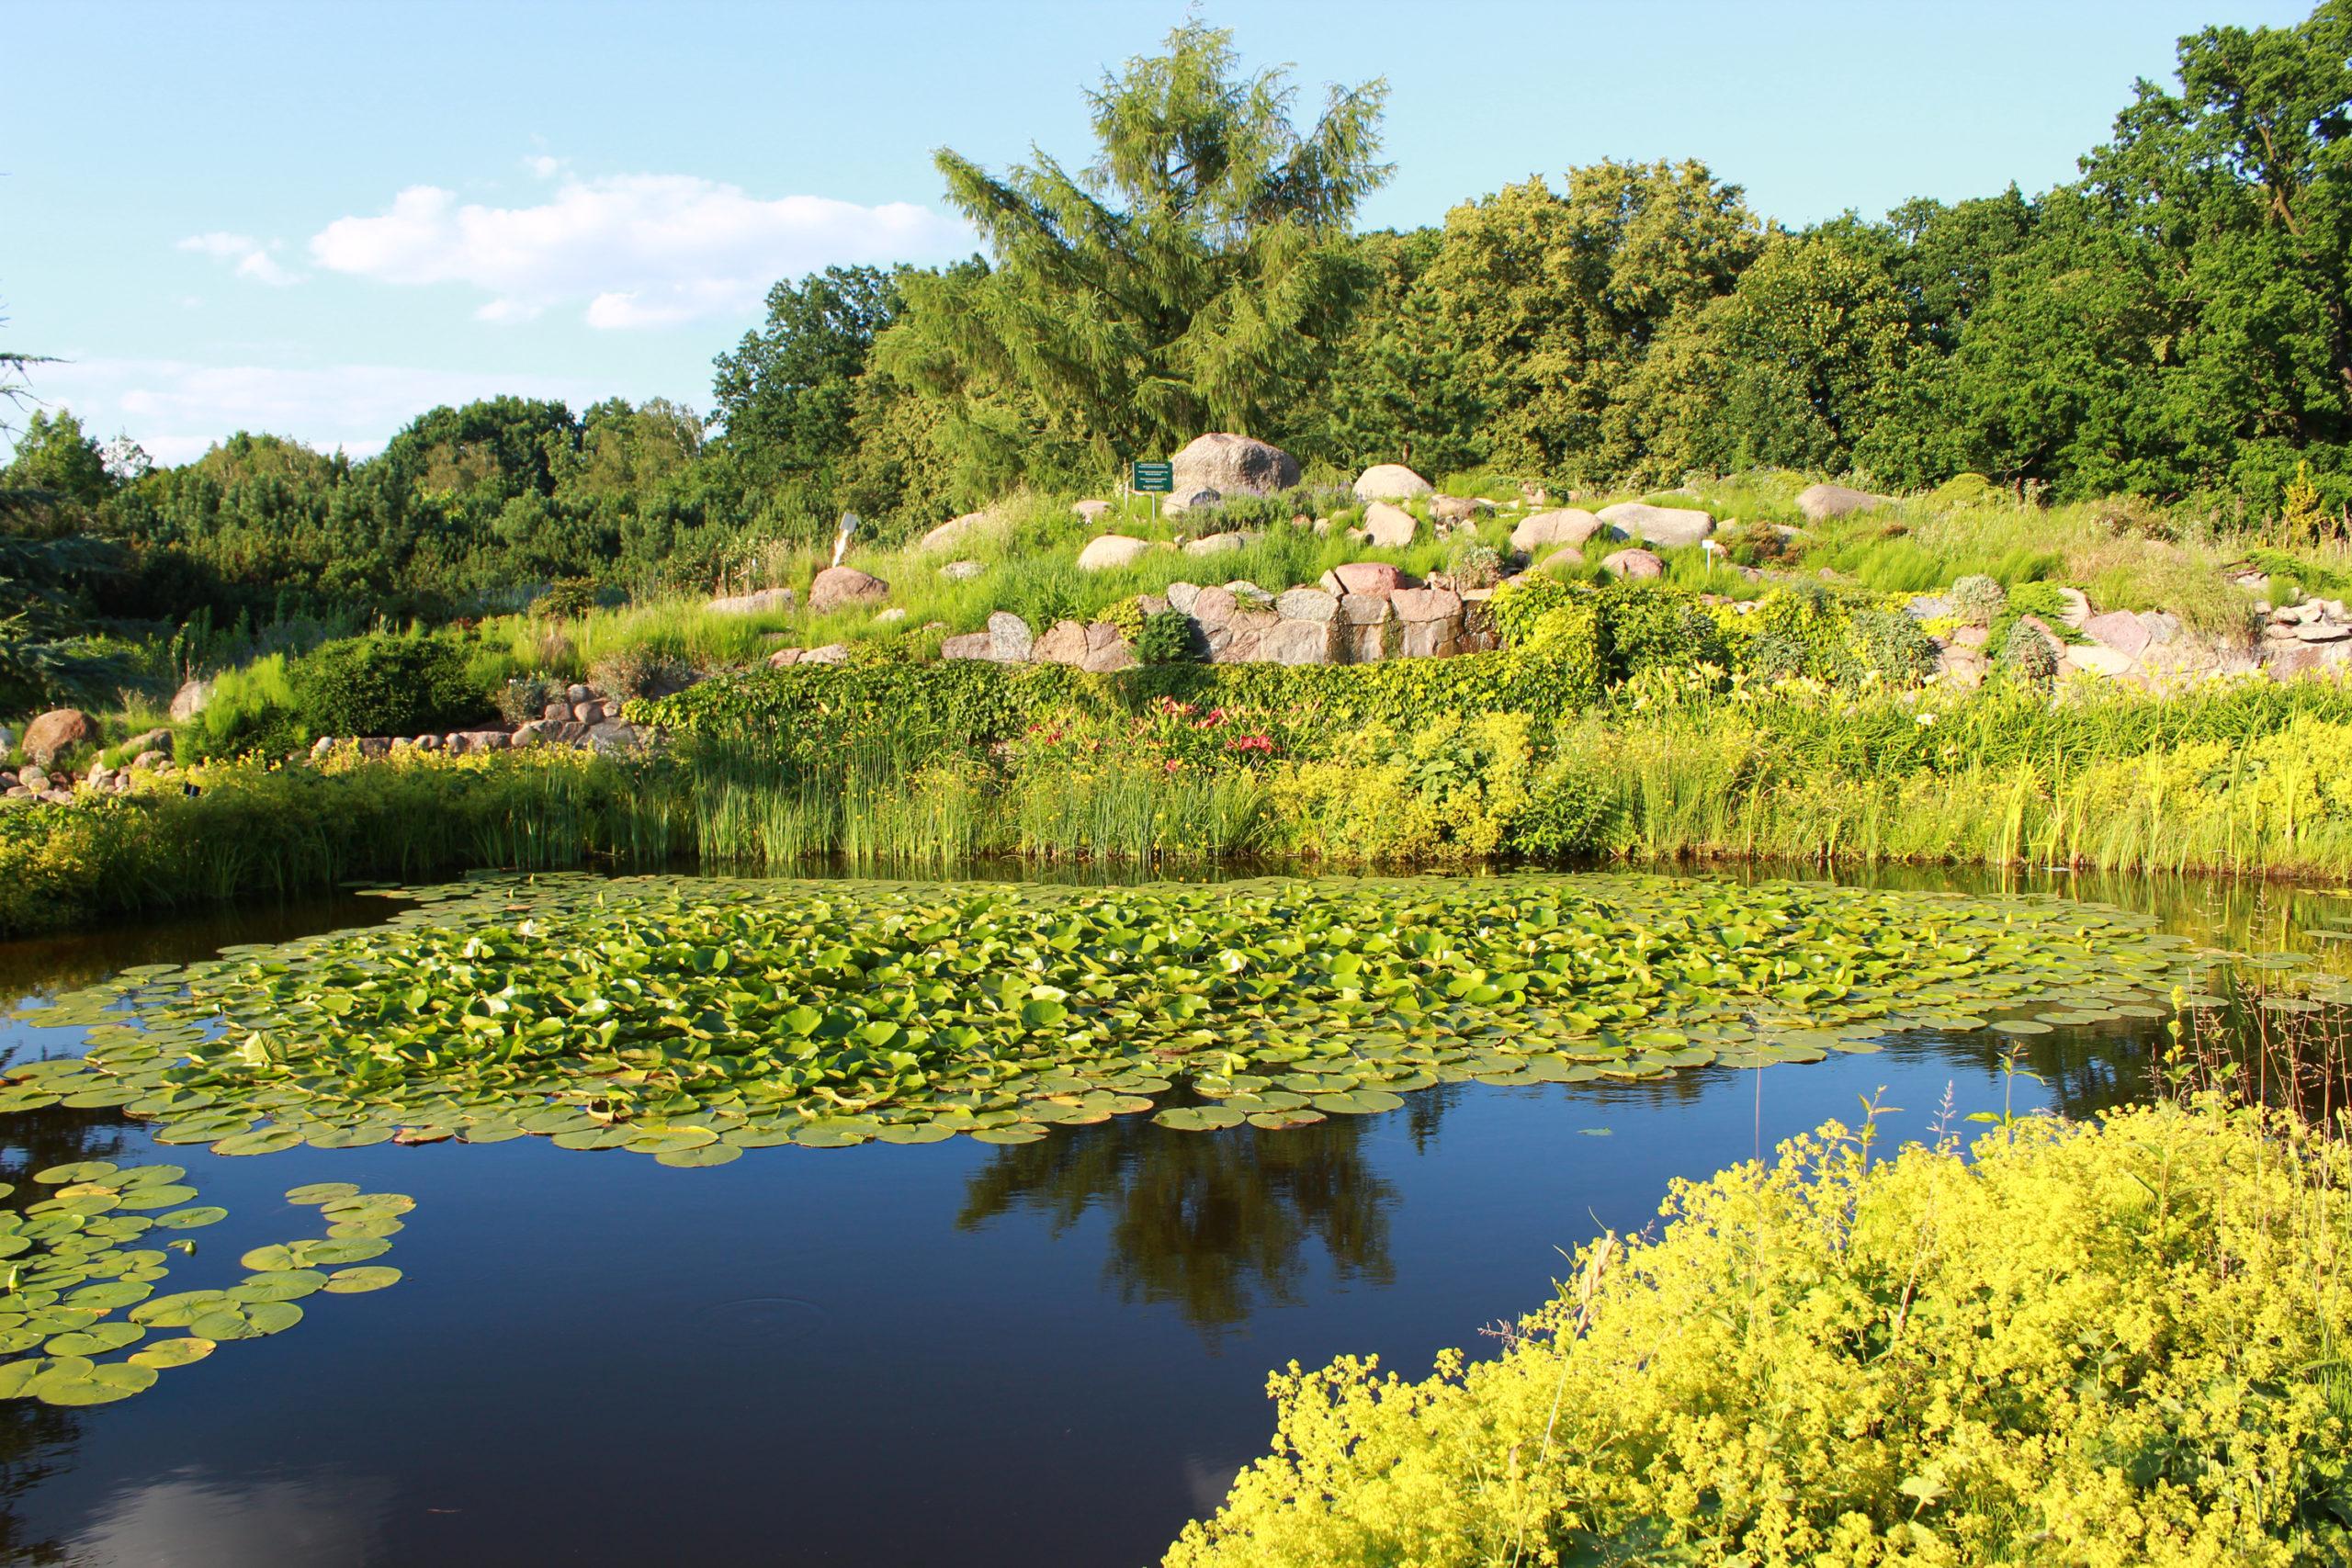 widok na lilie wodne w jeziorze